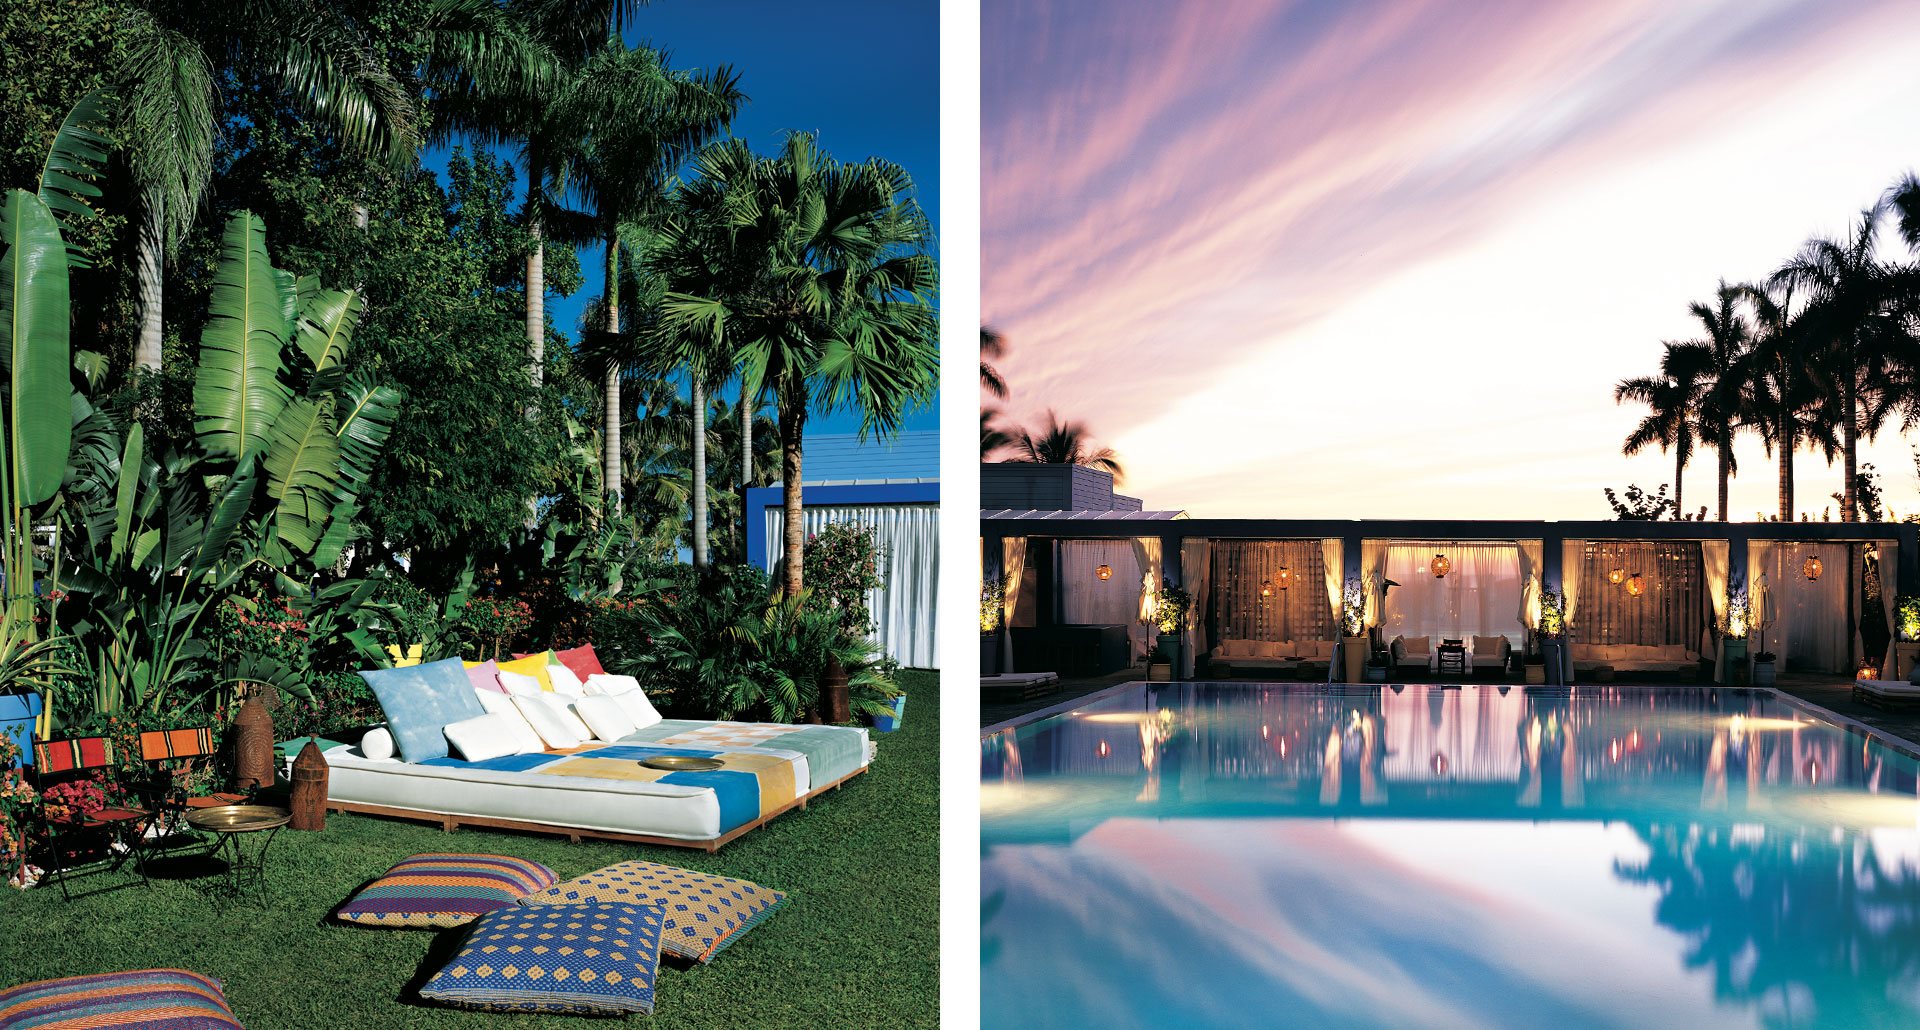 Shore Club - boutique hotel in Miami